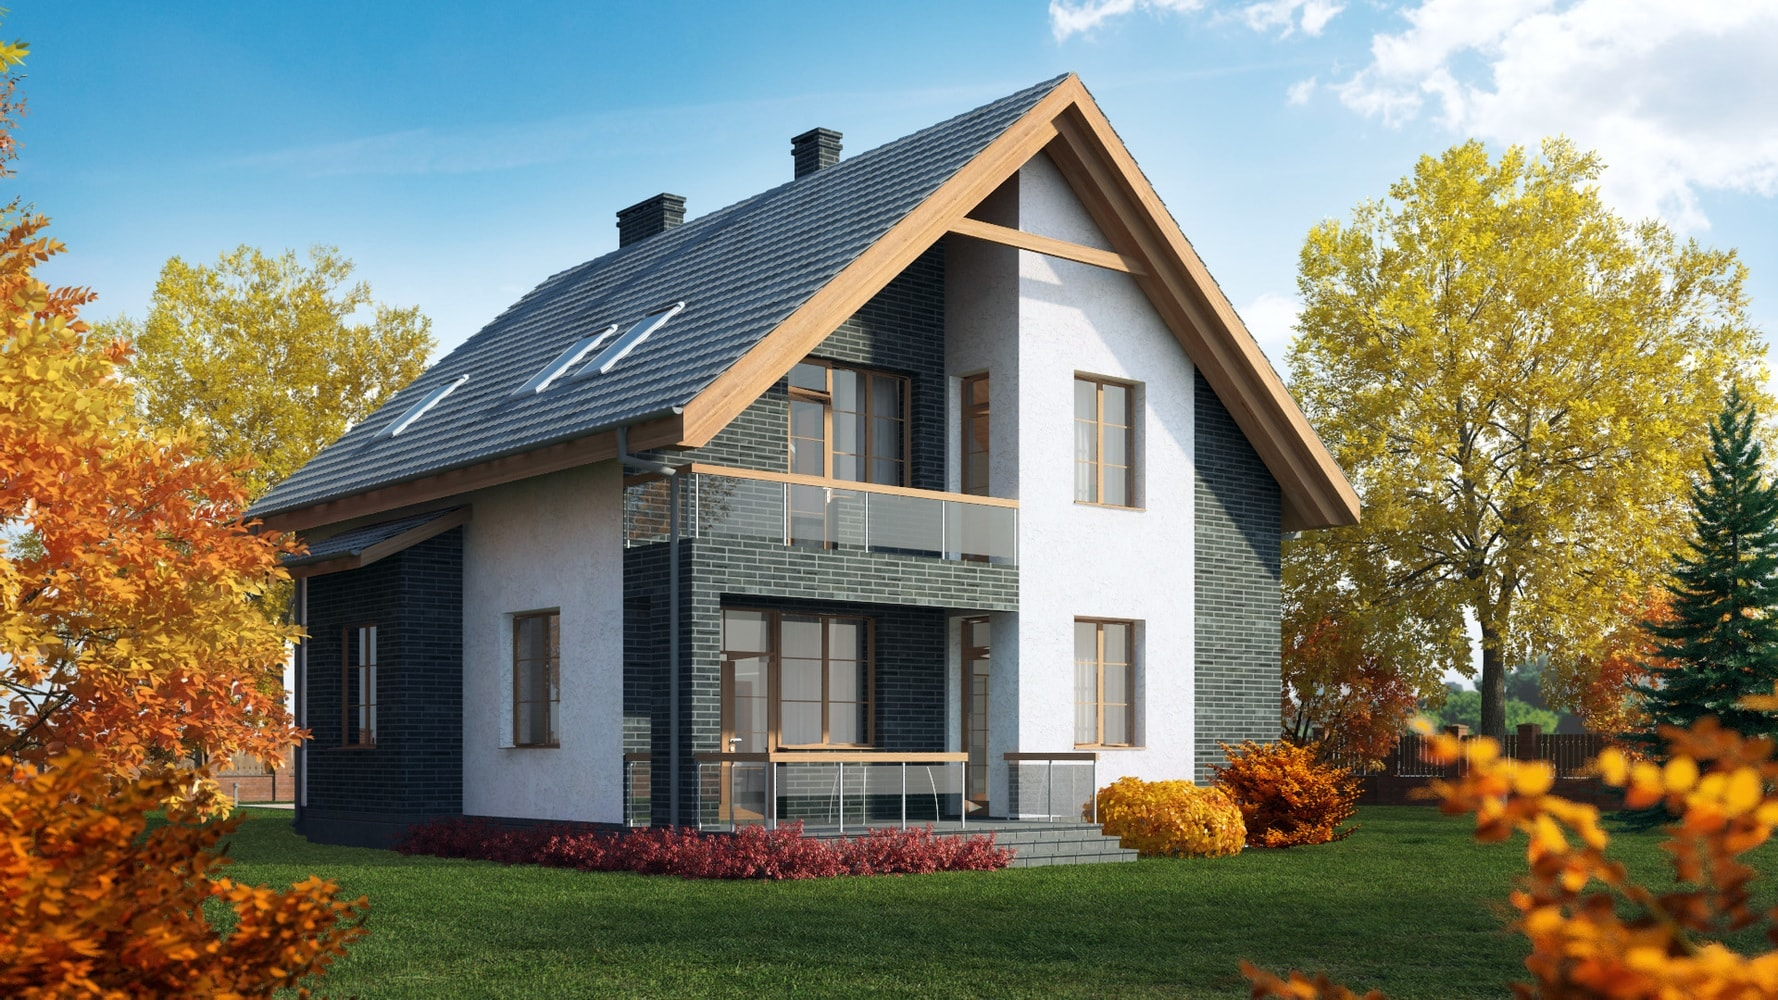 Полезная информация, которая вам точно понадобится при строительстве дома